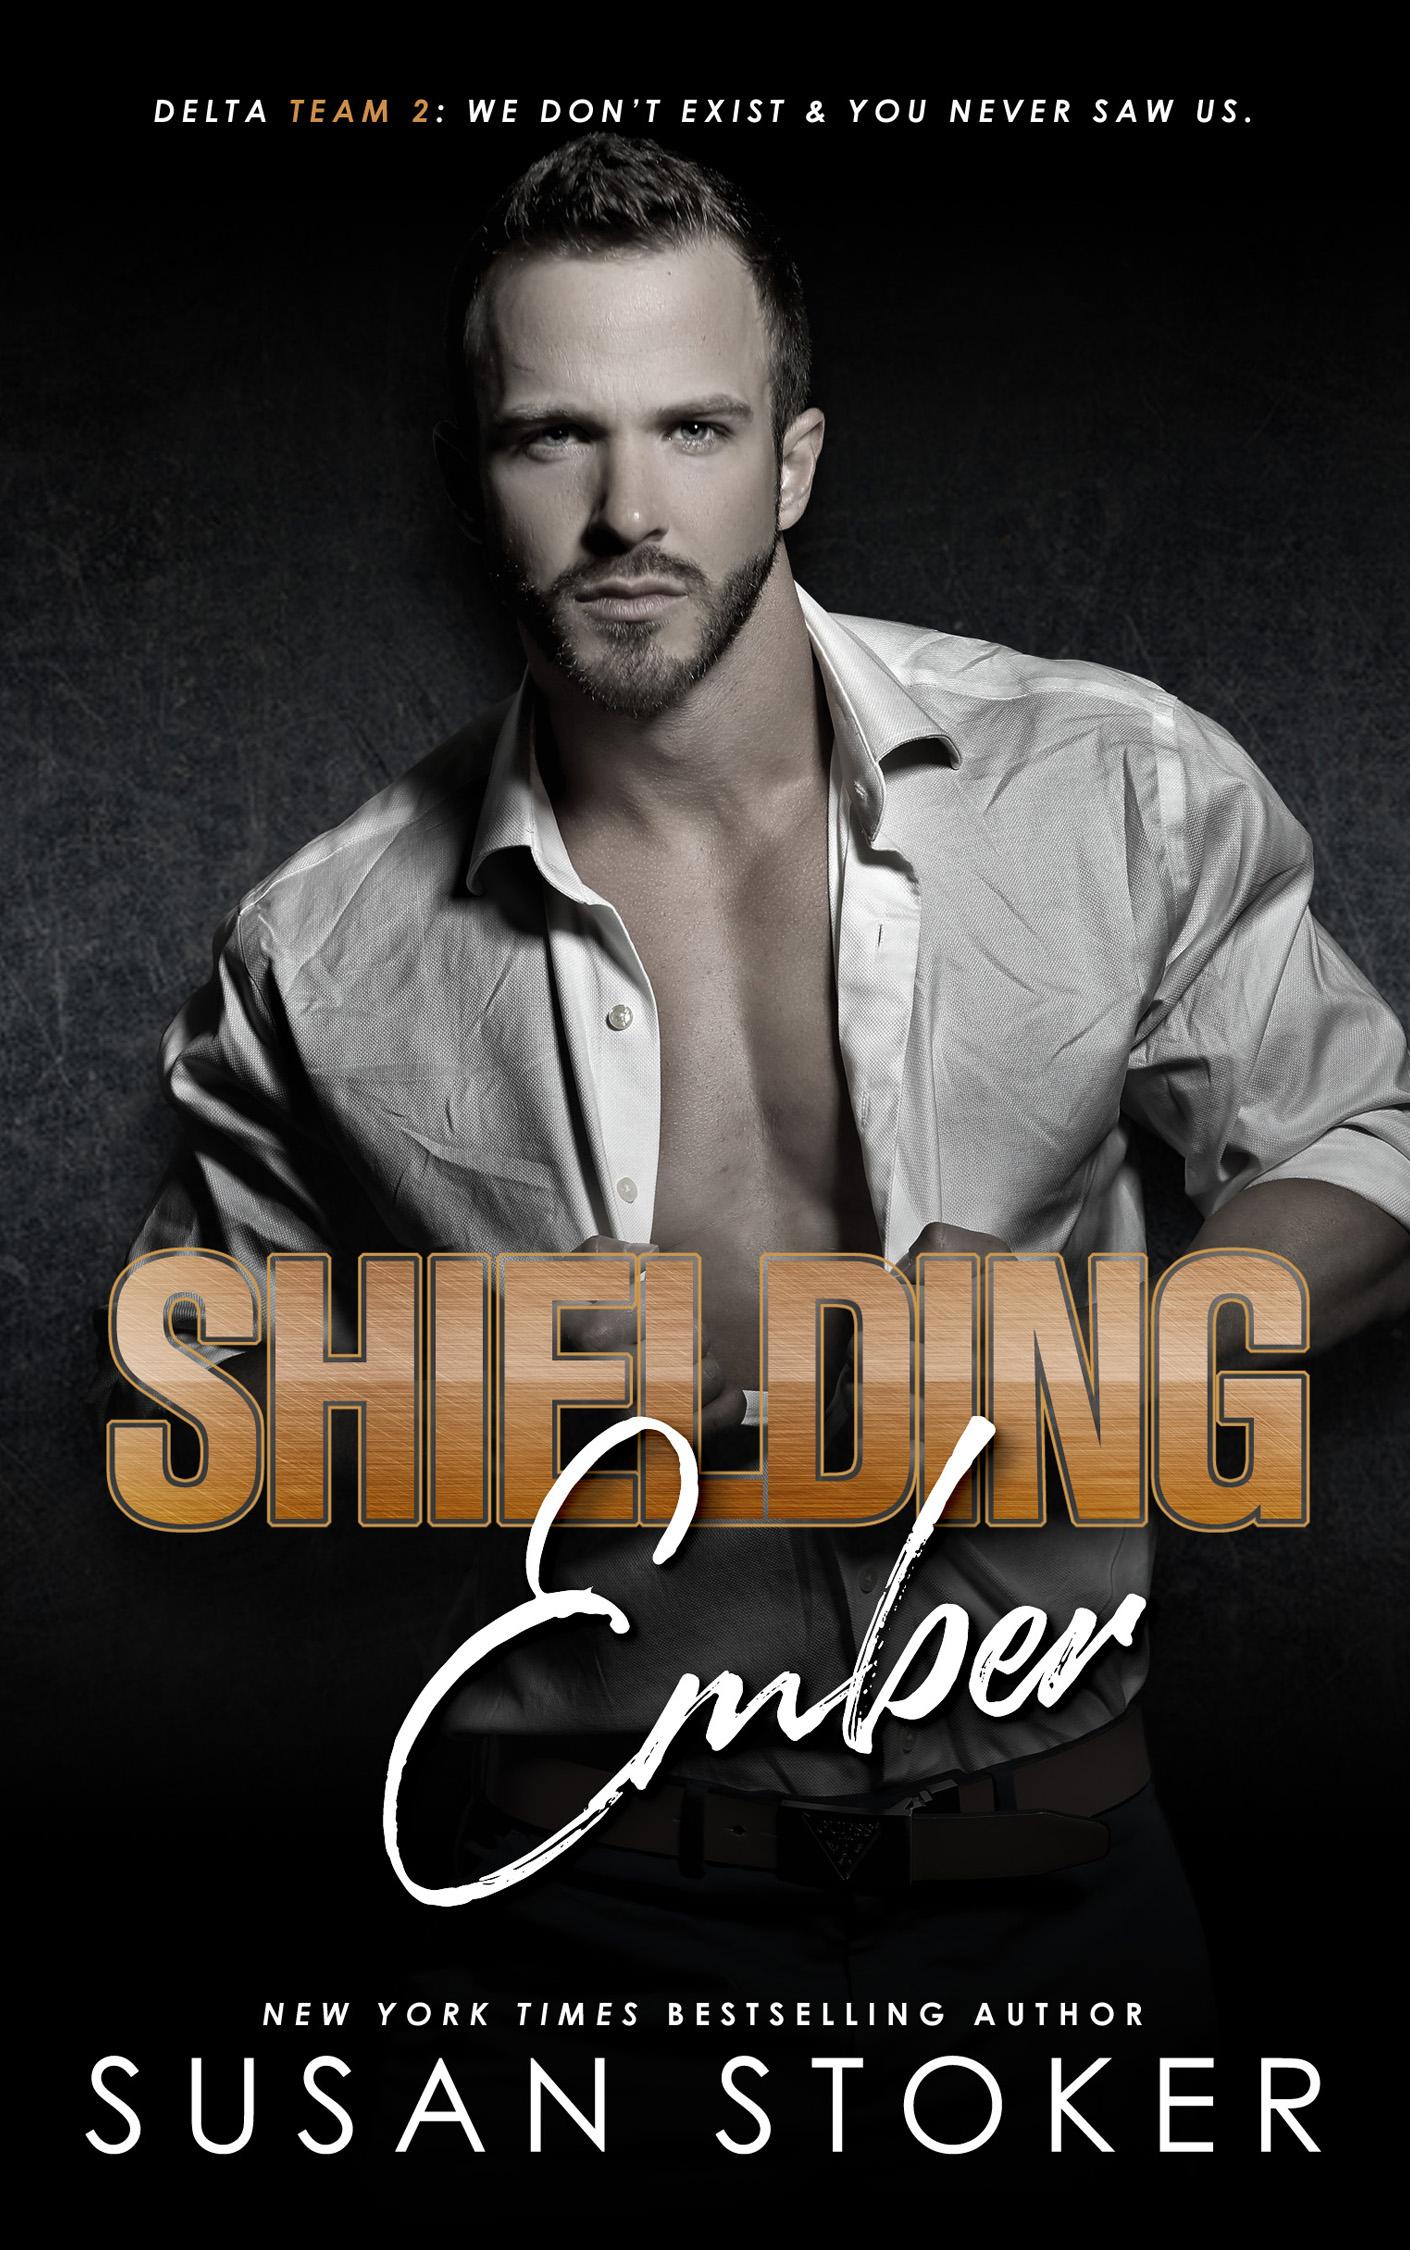 SHIEDLING EMBER